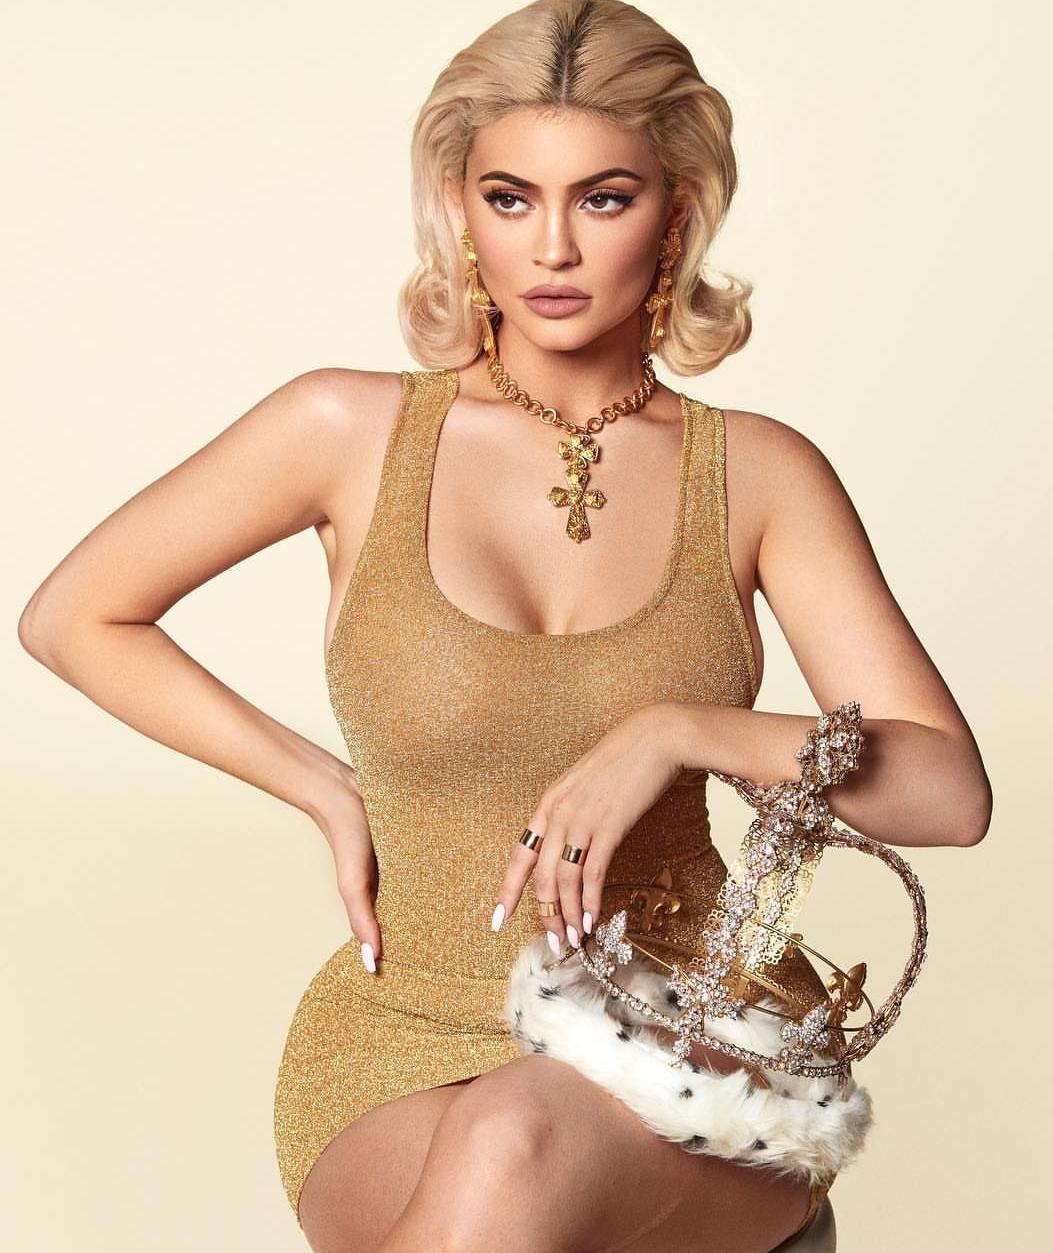 Kylie Jenner désignée reine des influenceuses mode de l'année 2018